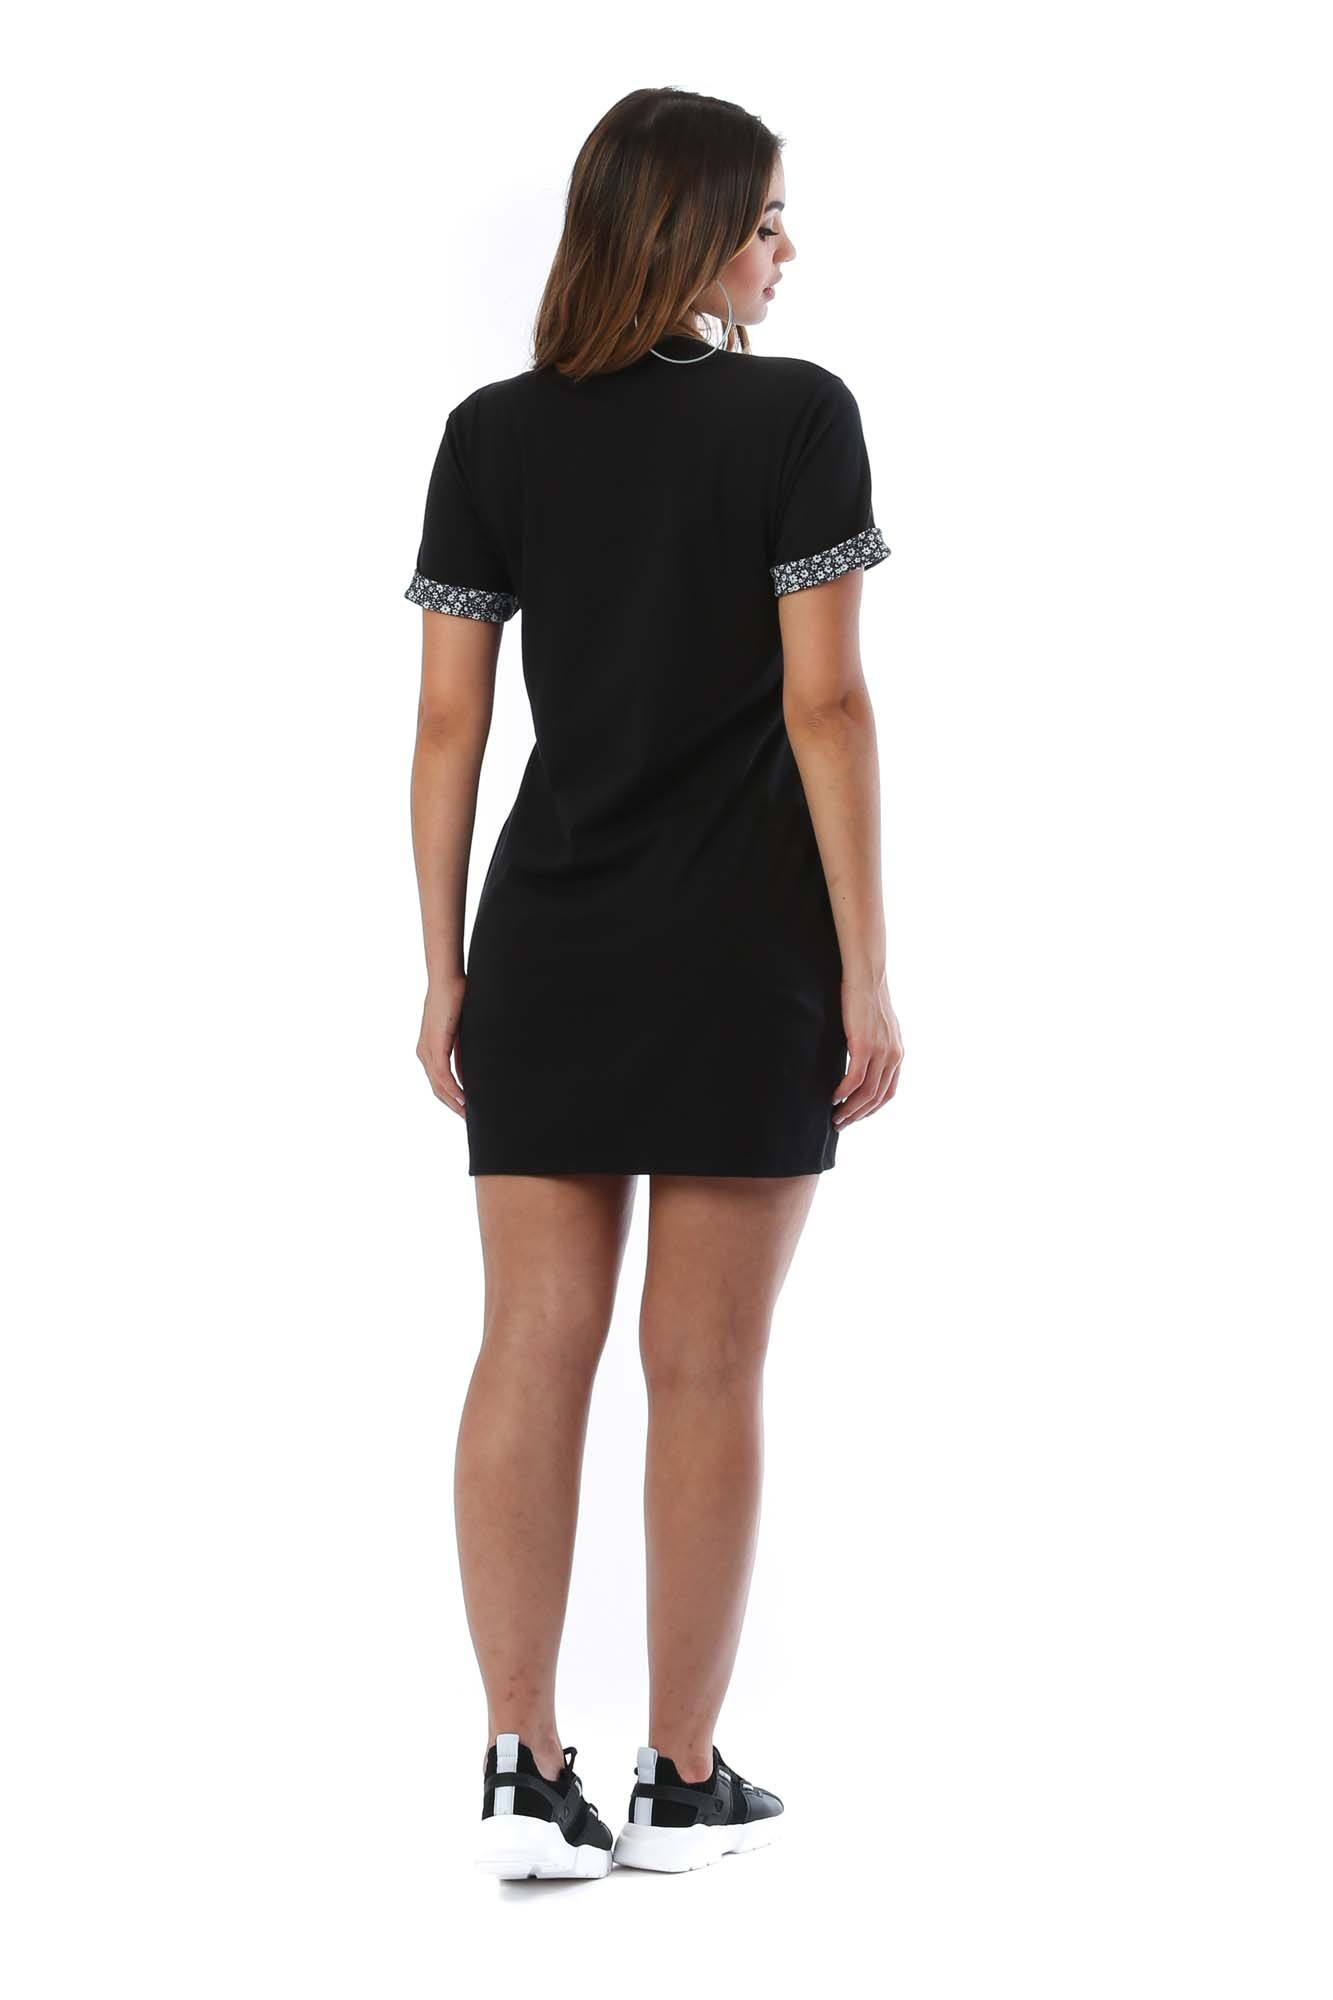 Vestido T-shirt Cice